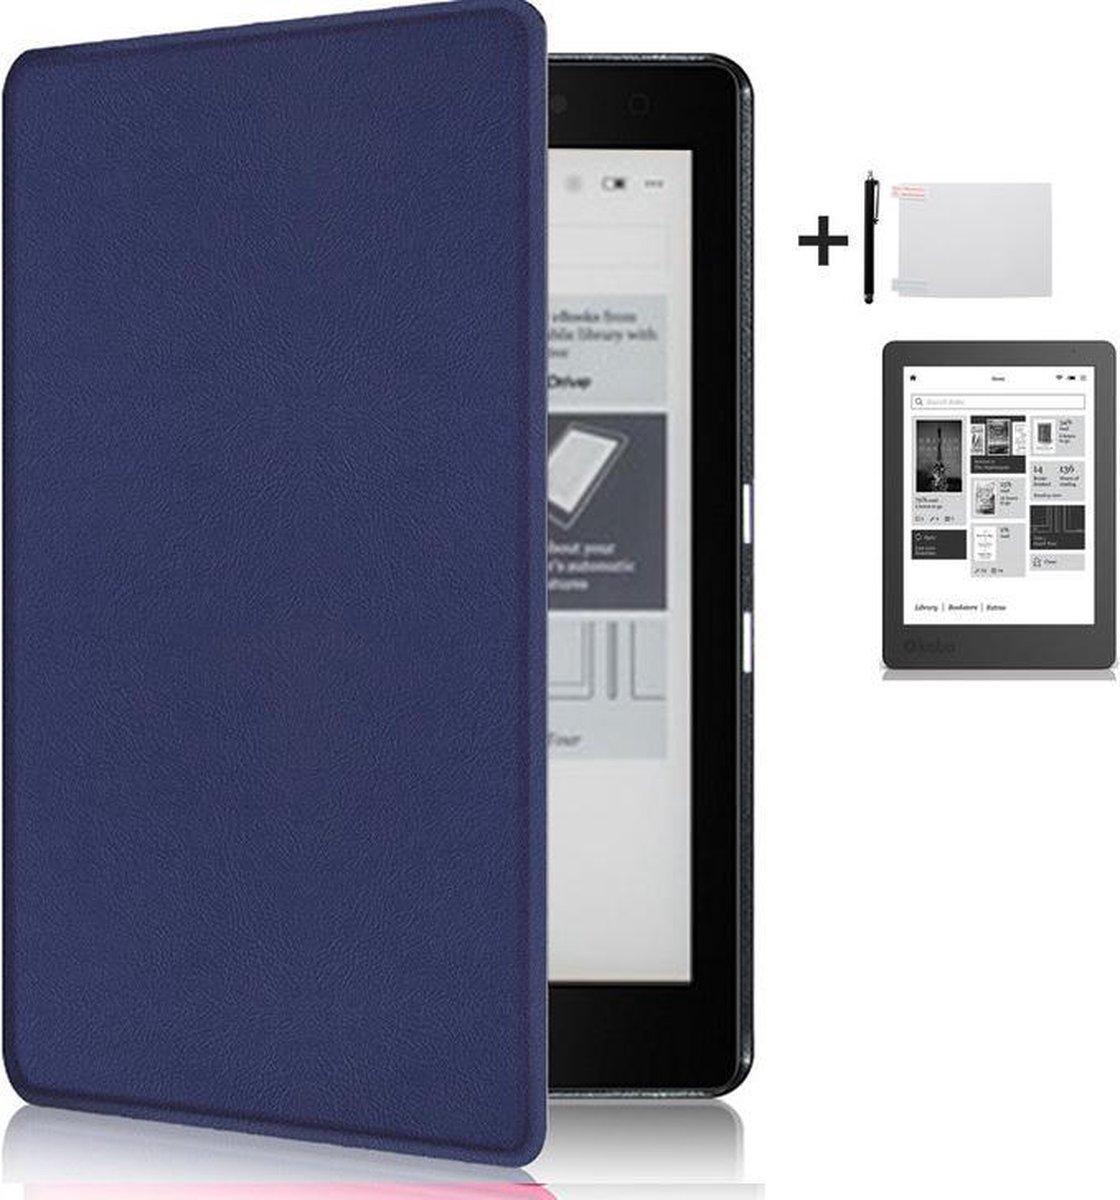 Kunstleren Sleepcover Beschermhoes Voor de Kobo Aura Edition 2 Ereader Editie 2nd - 6 Inch Slimfit Smart Case Cover Sleeve Hoes - Blauw - AA Commerce